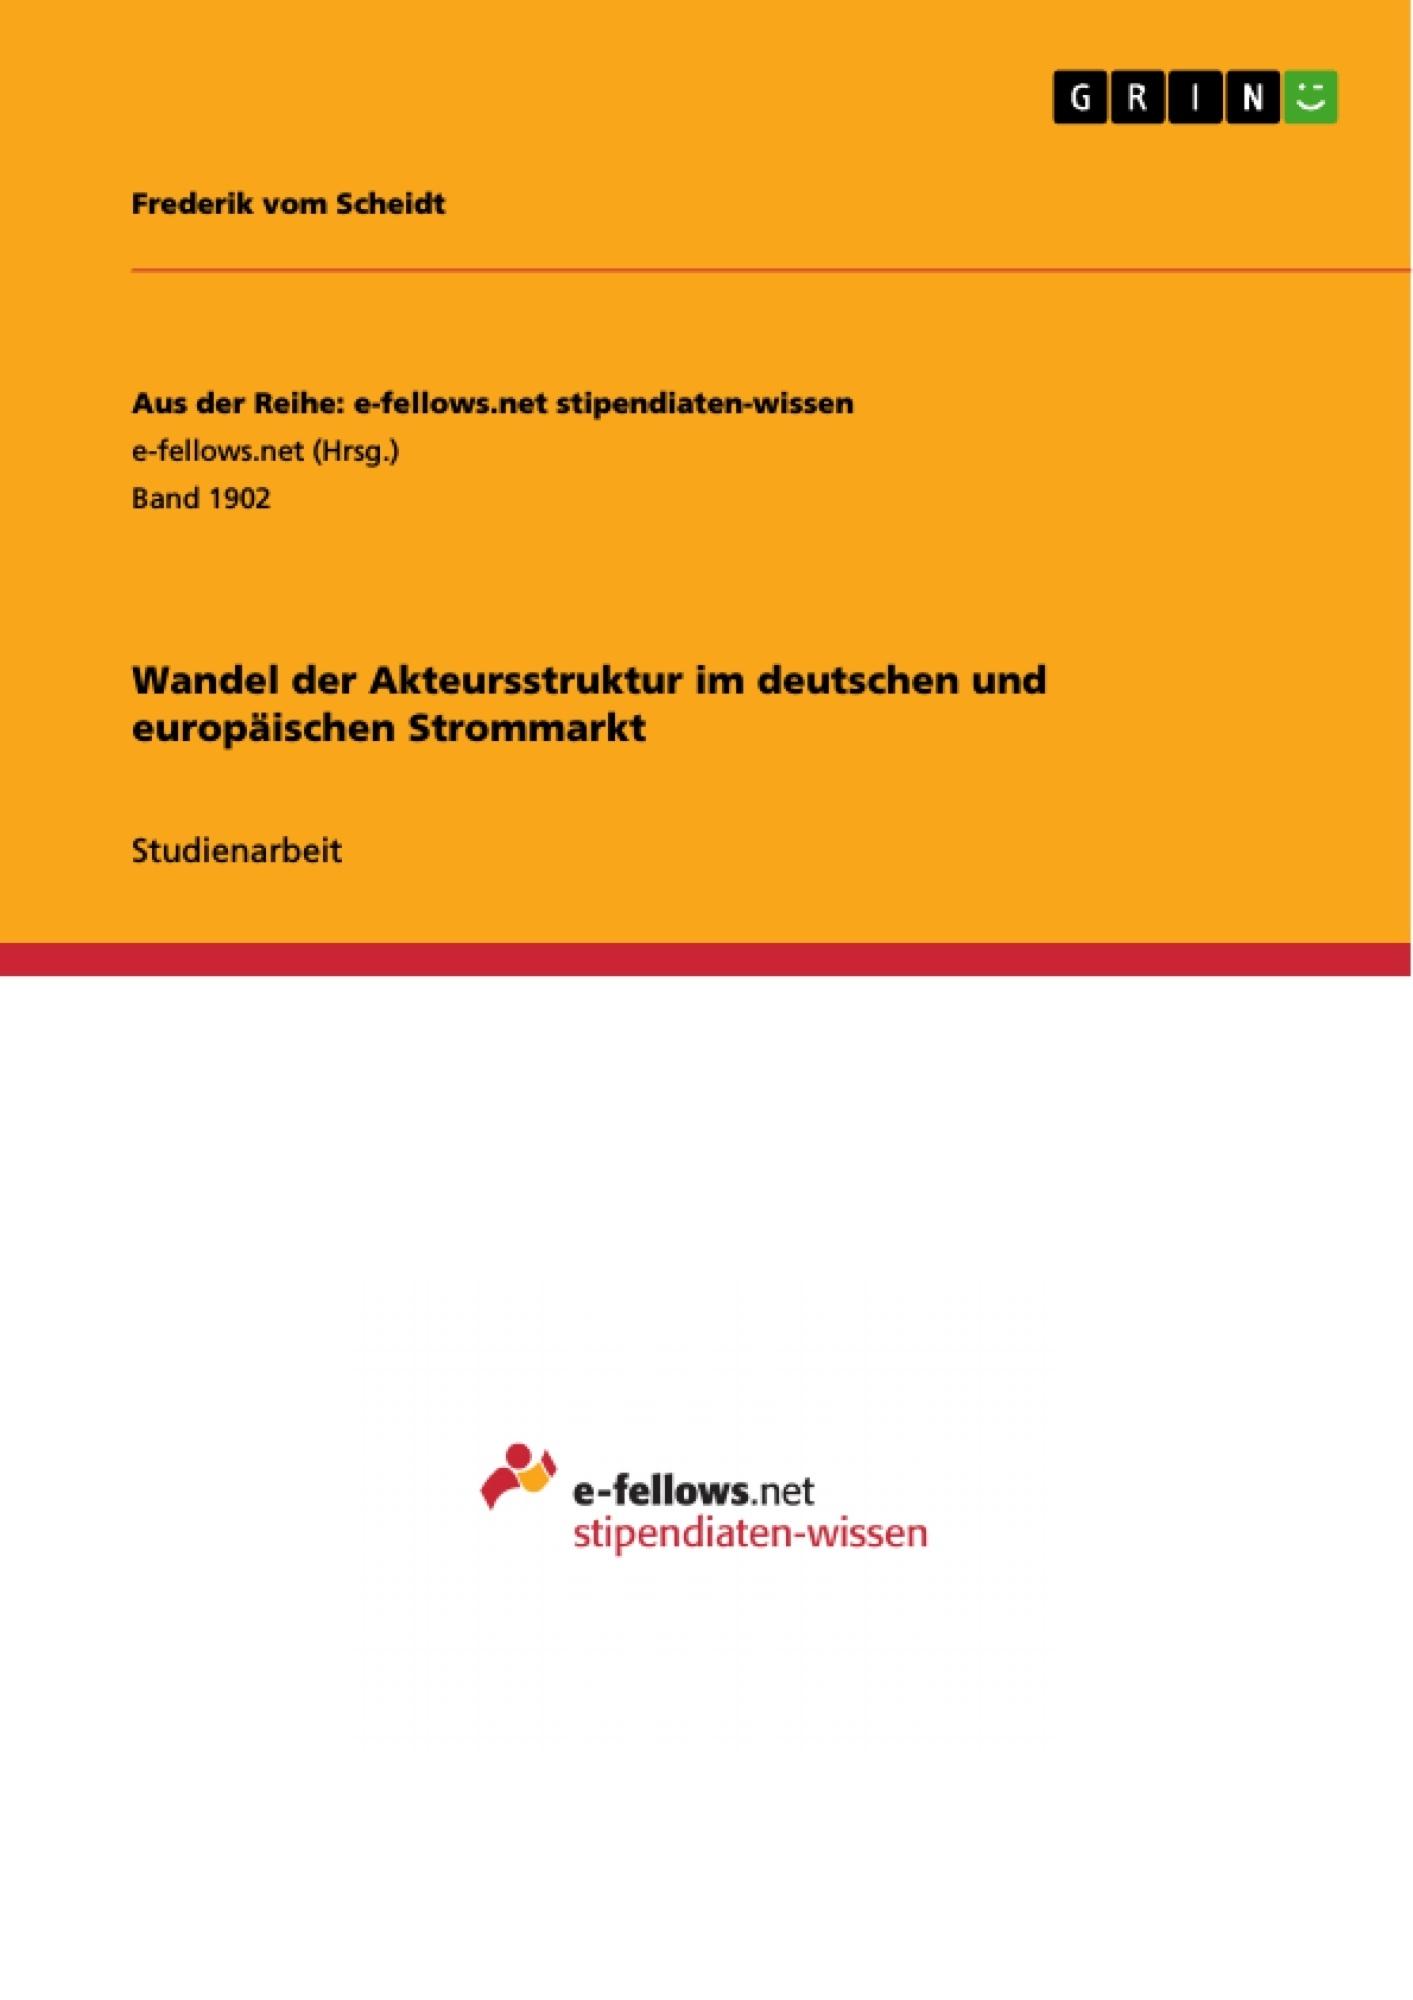 Titel: Wandel der Akteursstruktur im deutschen und europäischen Strommarkt